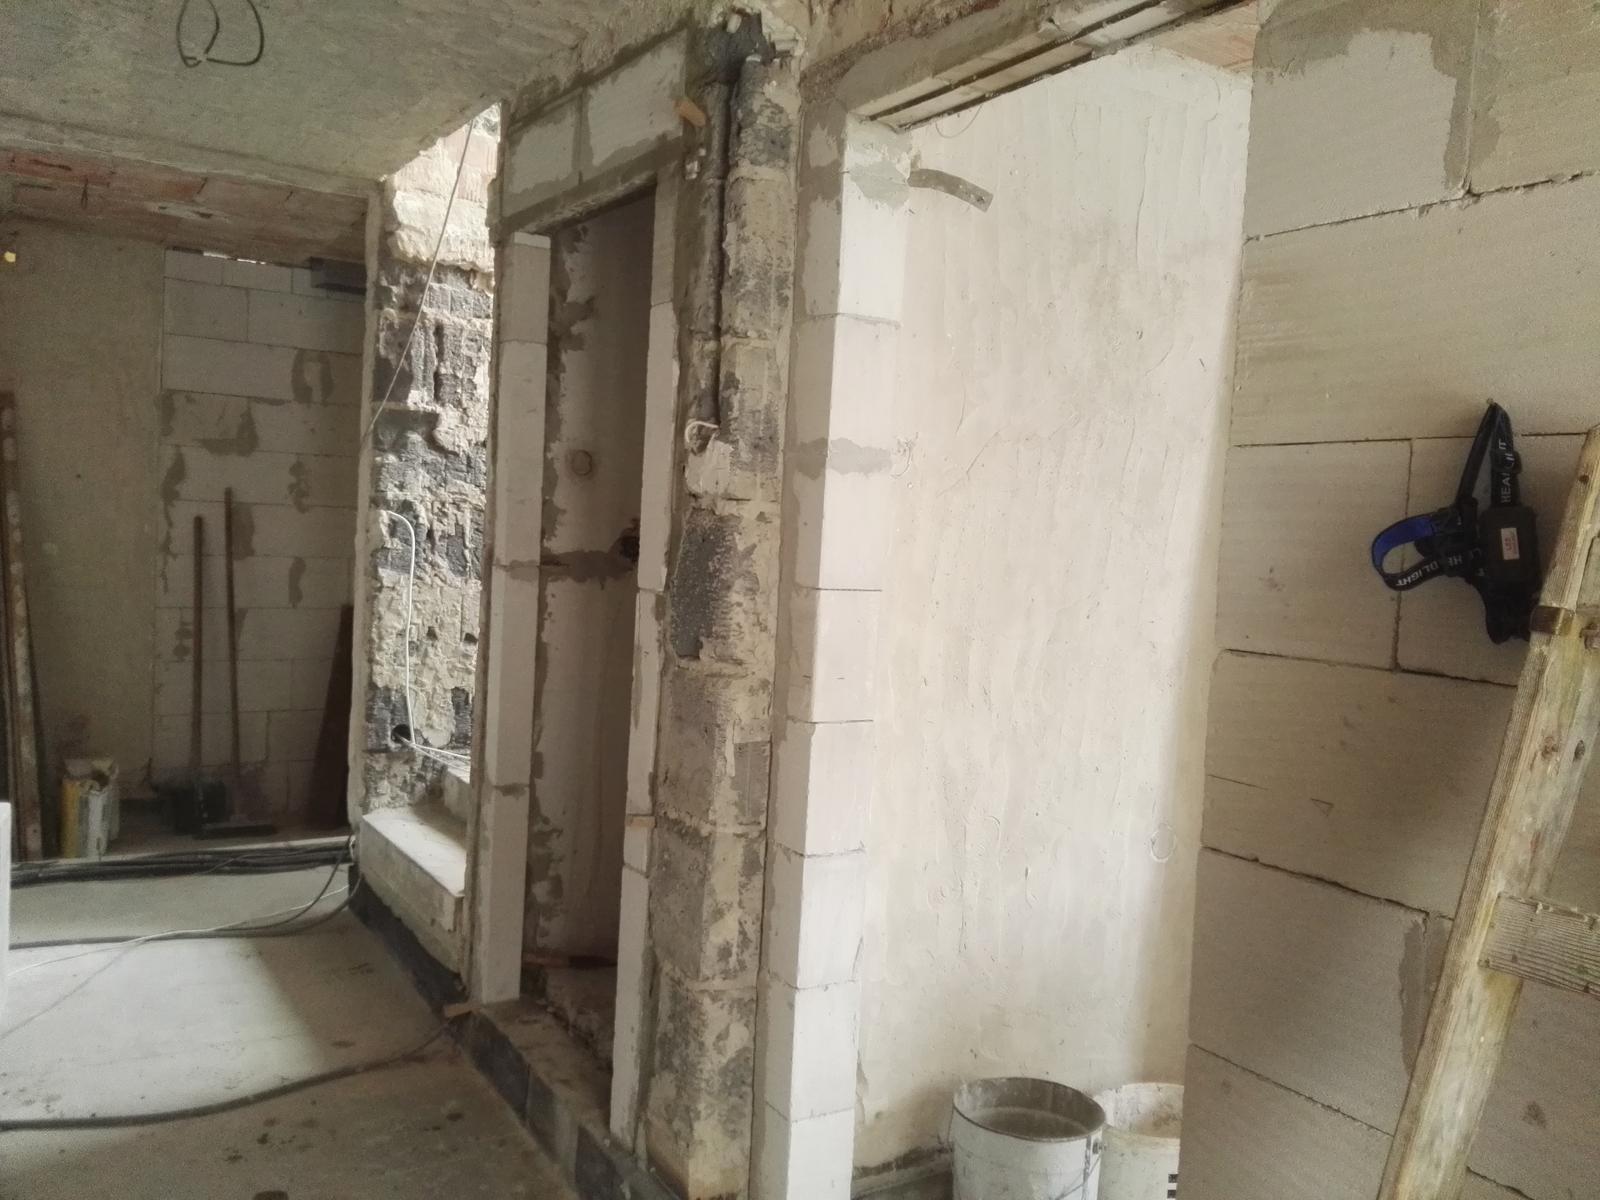 Rekonstrukcia RD - Dokoncene vysky a nosy na dvere ktore padli za vlast a lepsie zajtrajsky.